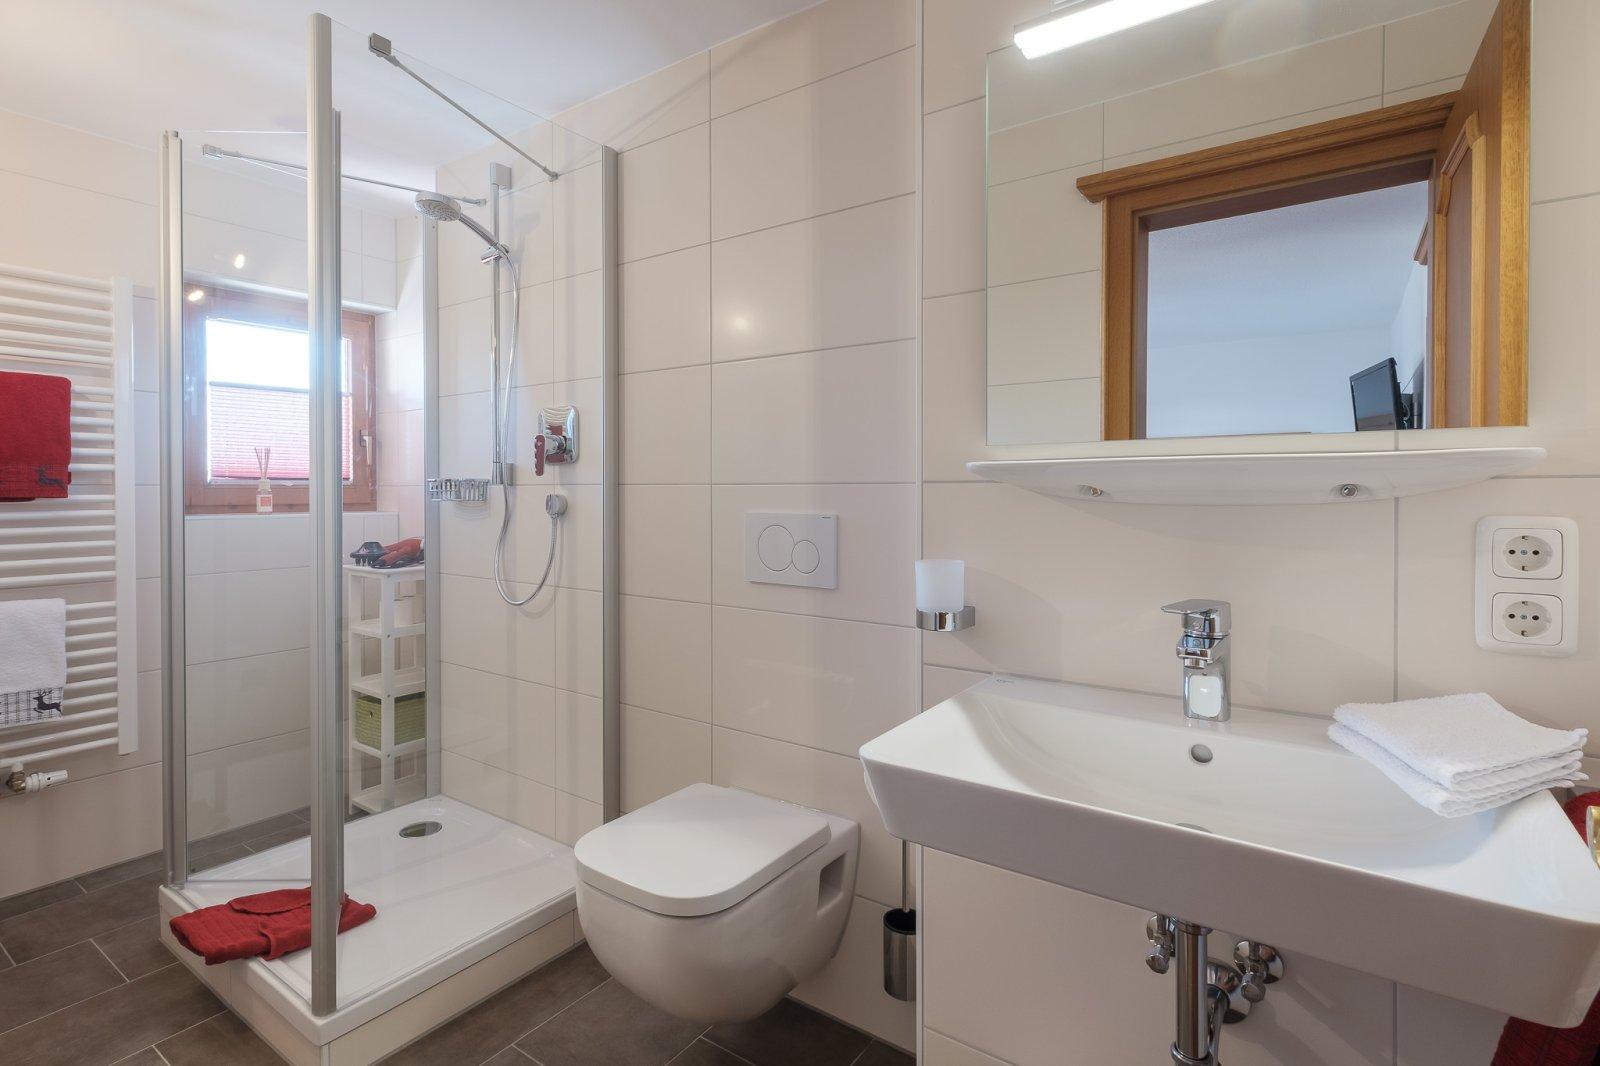 Badezimmer Ferienwohnung 1 Wohnzimmer Ferienwohnung 1